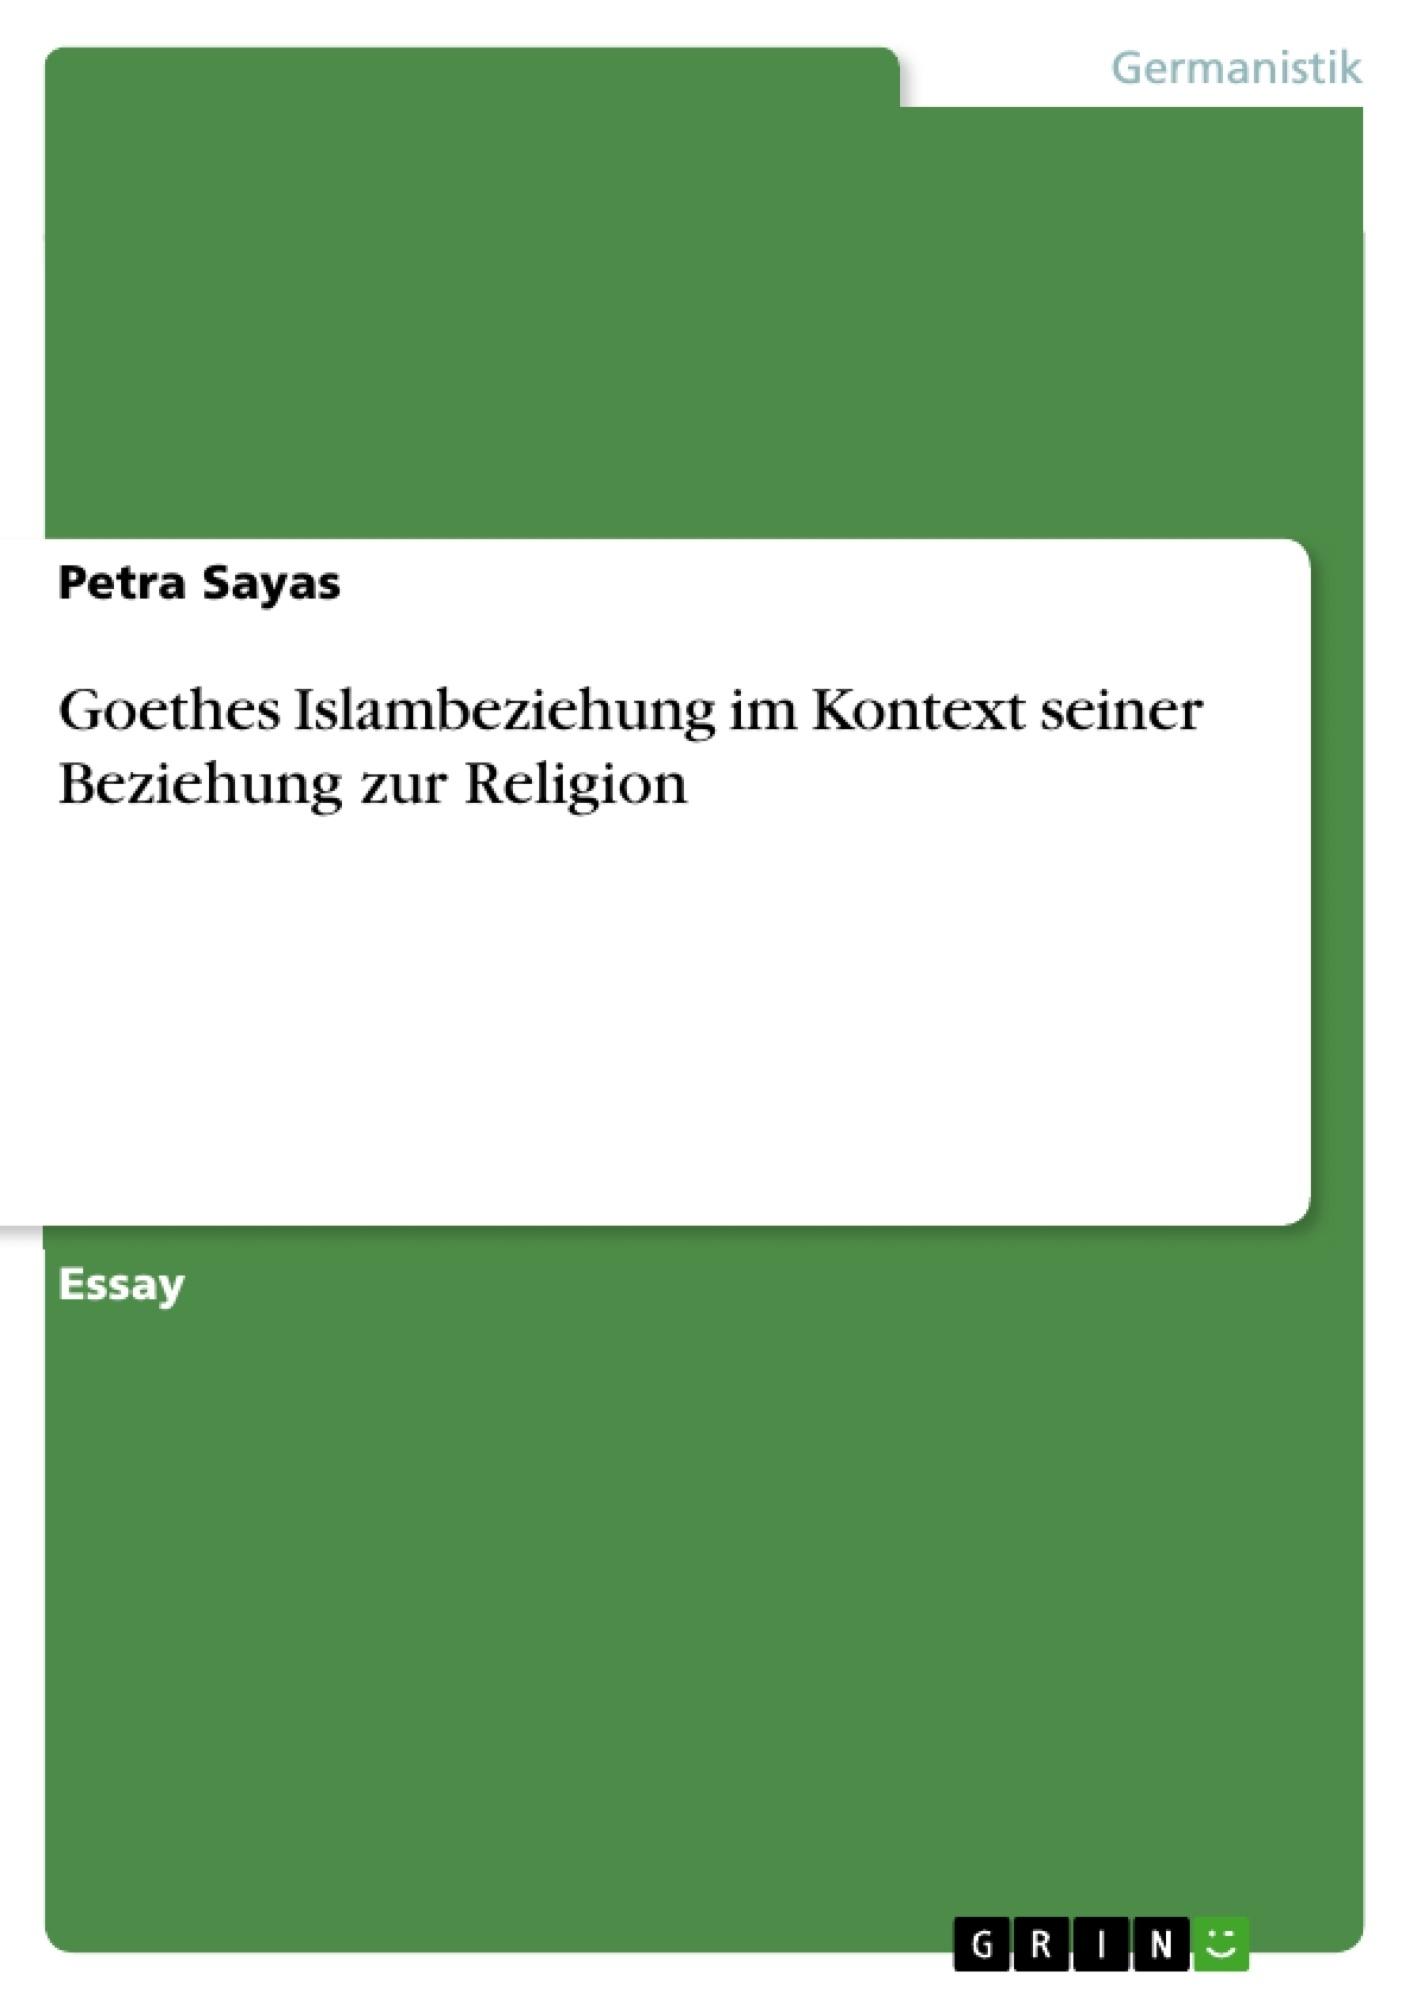 Titel: Goethes Islambeziehung im Kontext seiner Beziehung zur Religion